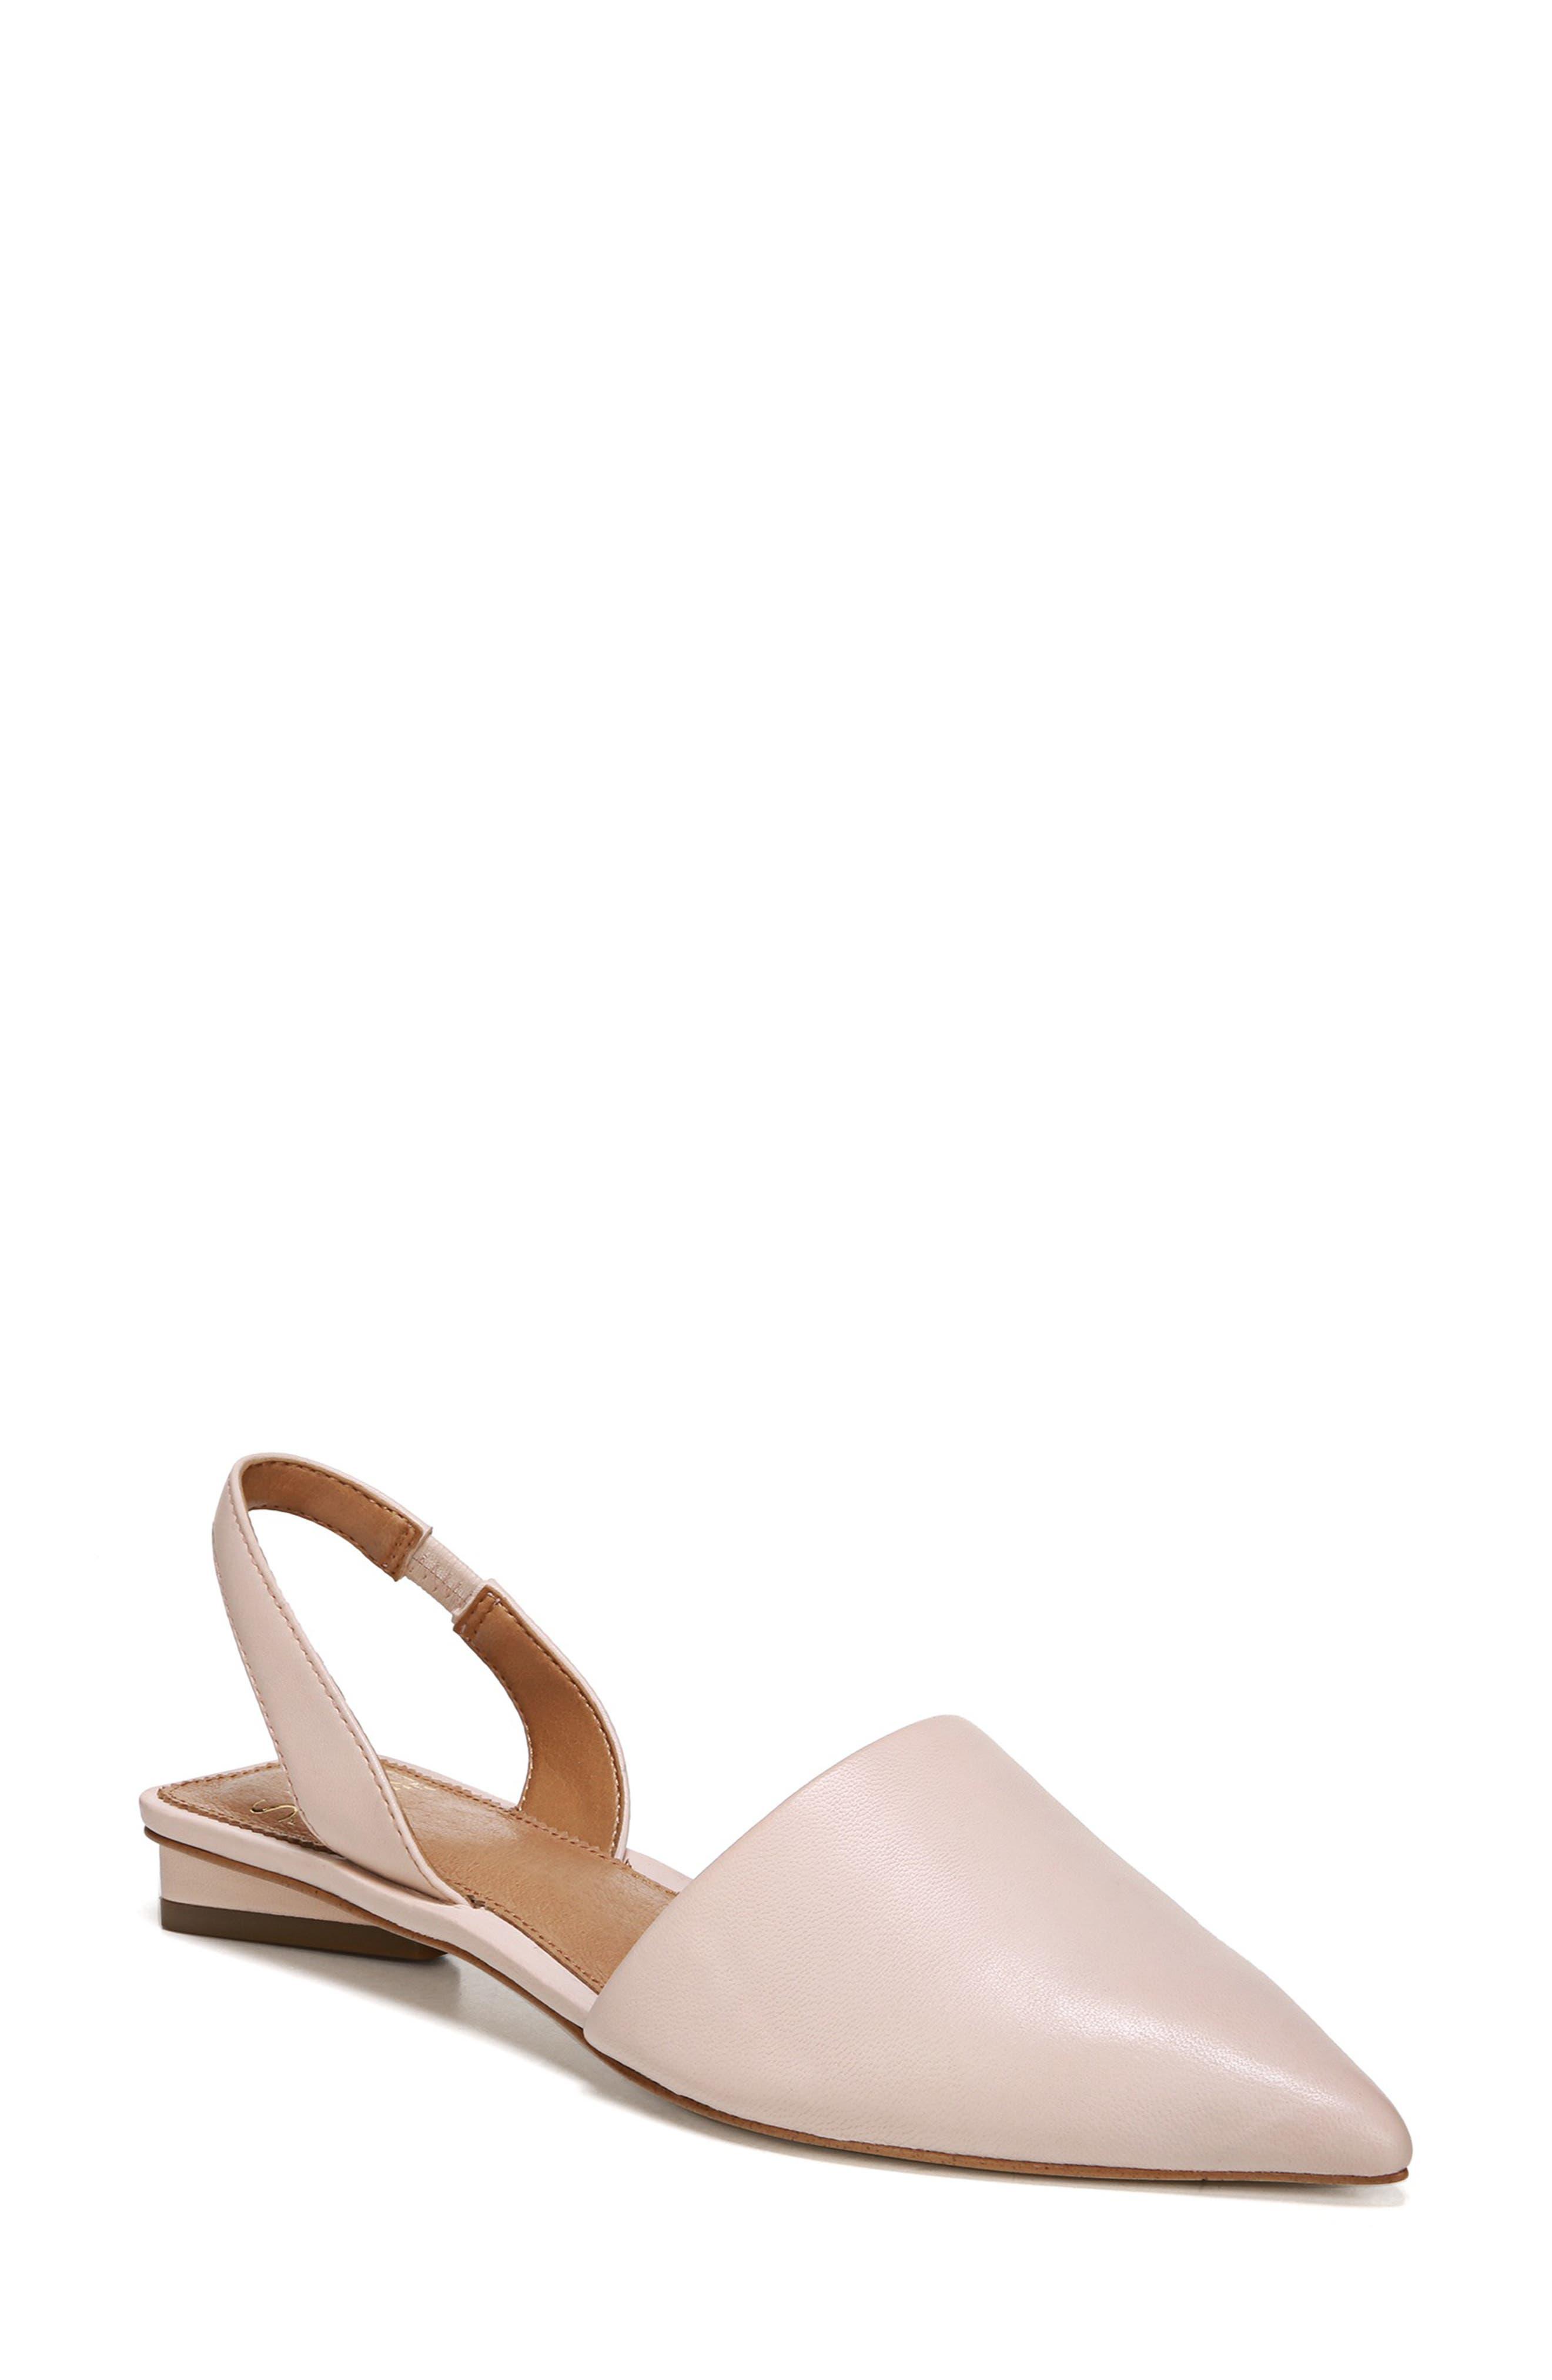 Sarto By Franco Sarto Graydon Pointy Toe Slingback Flat, Pink